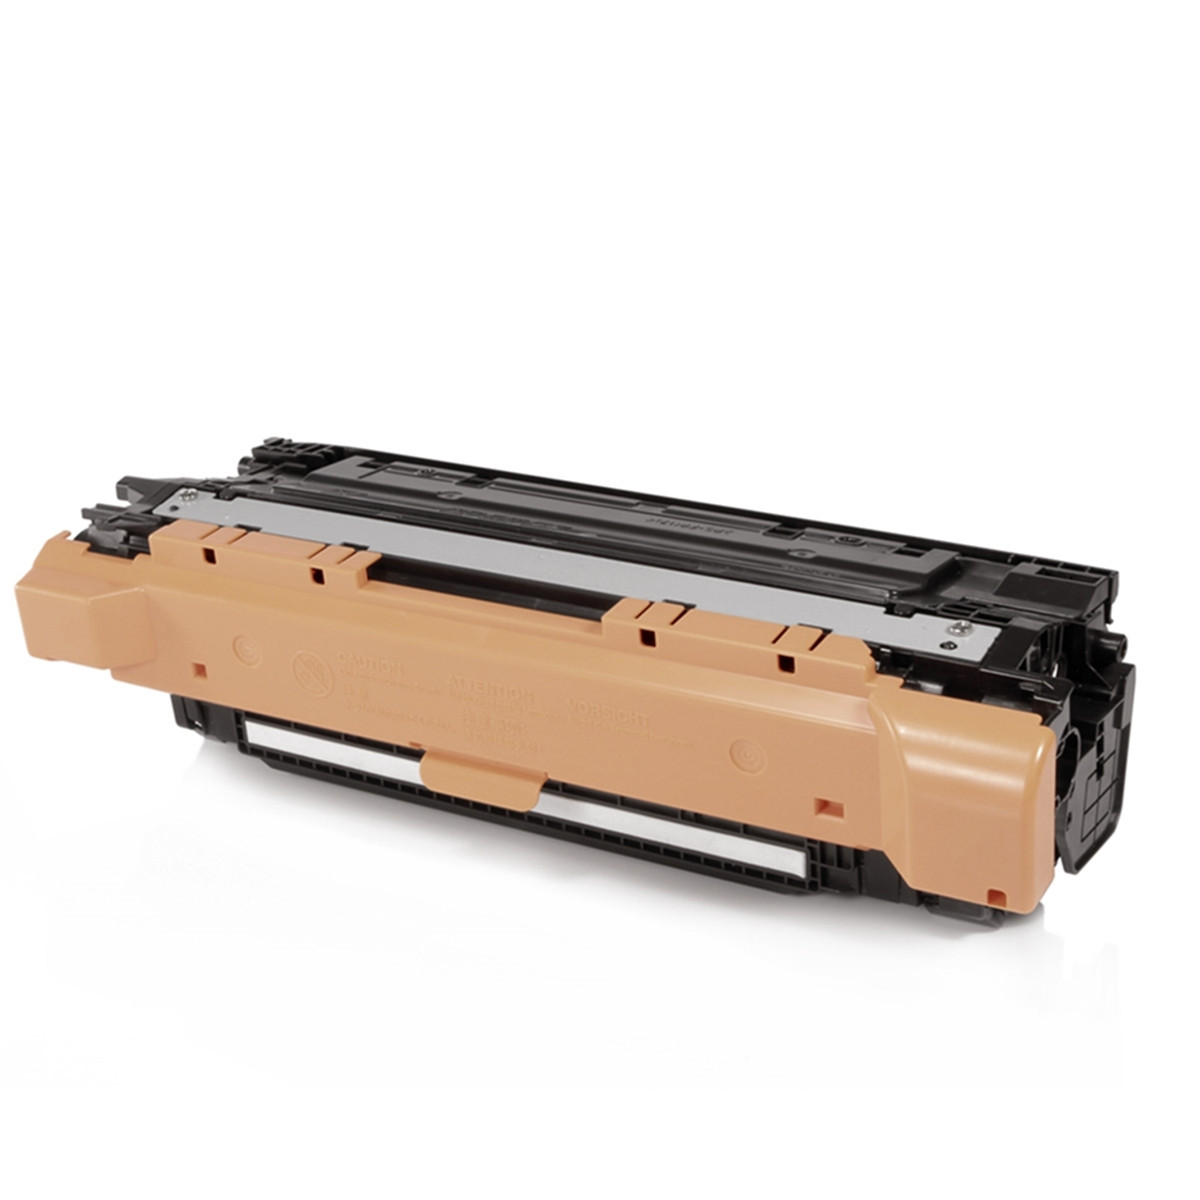 Toner Compatível com HP CE402A Amarelo | M575 M570 M551 M575F M575C M570DN M570DW | Importado 6k